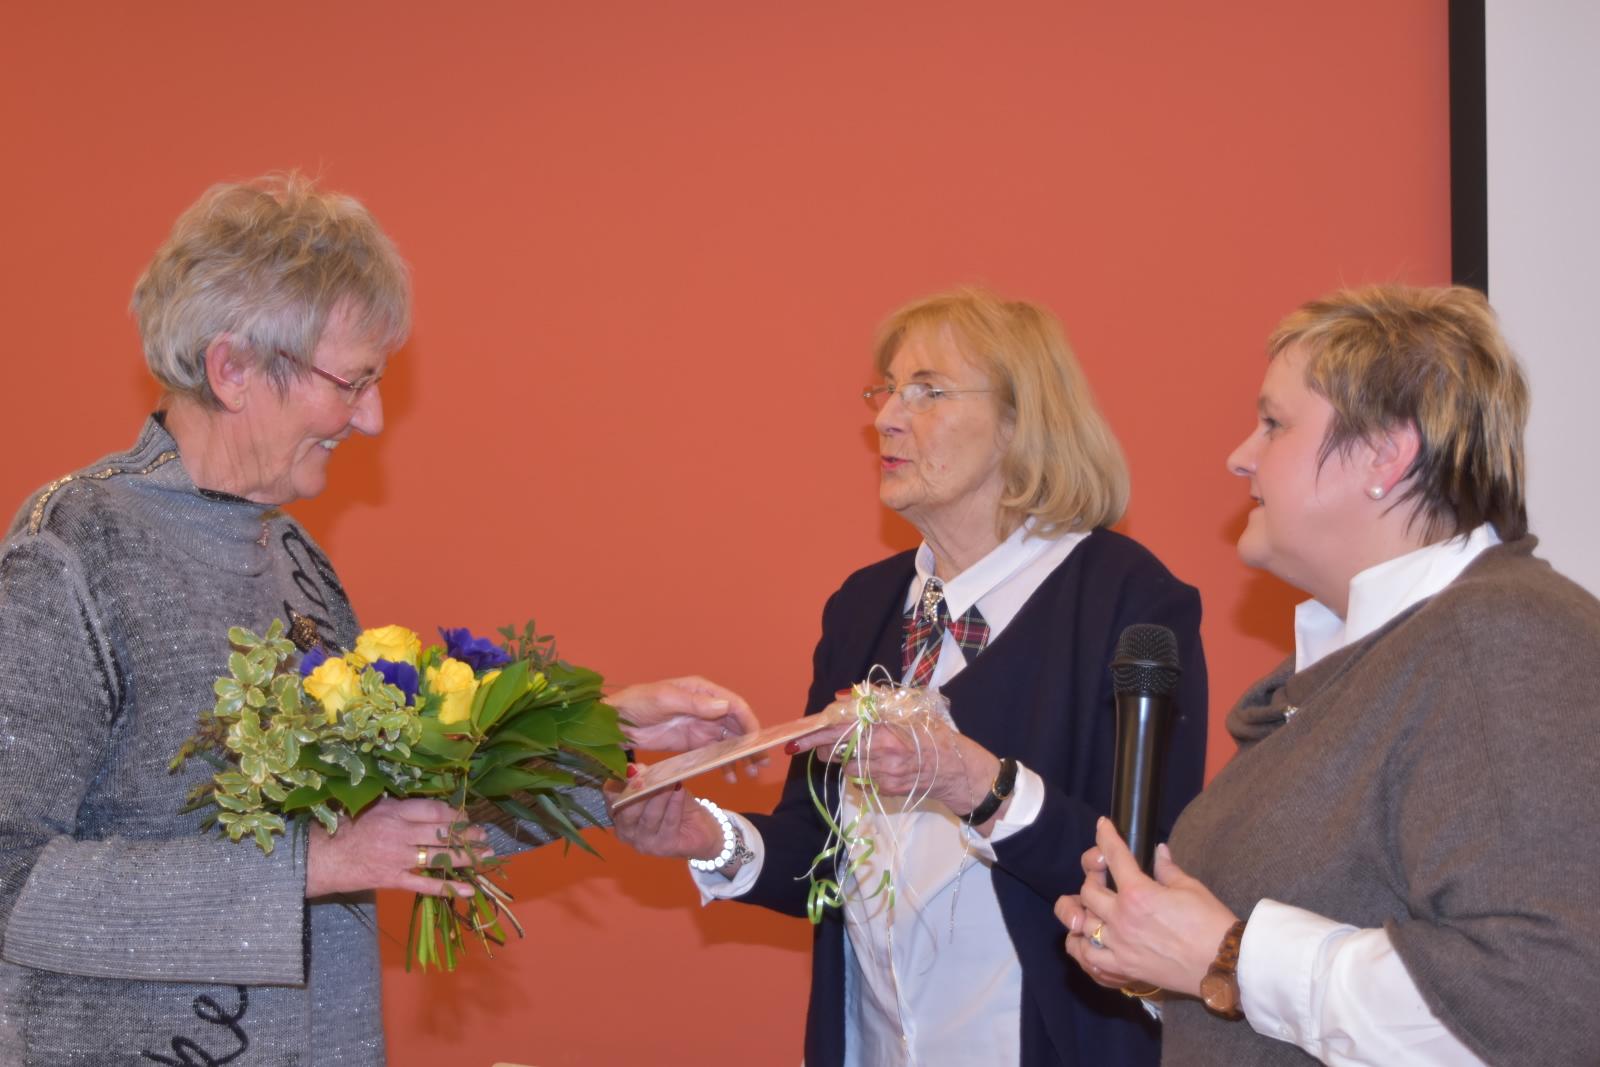 Verabschiedung auch aus dem Vorstand der Landfrauen Foto: Karin Johannsen